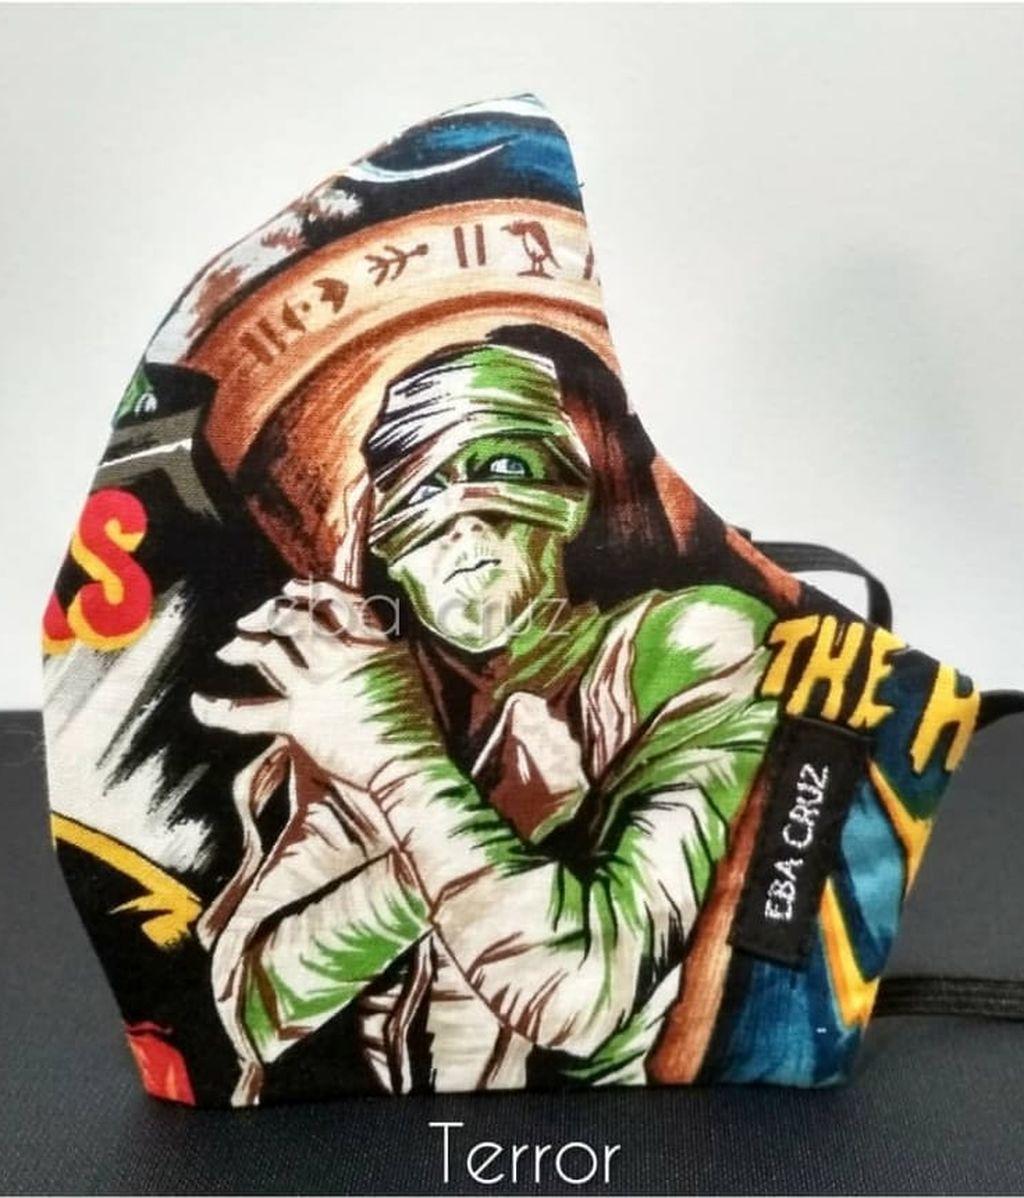 Mascarilla con temática de terror diseñada por Eba Cruz